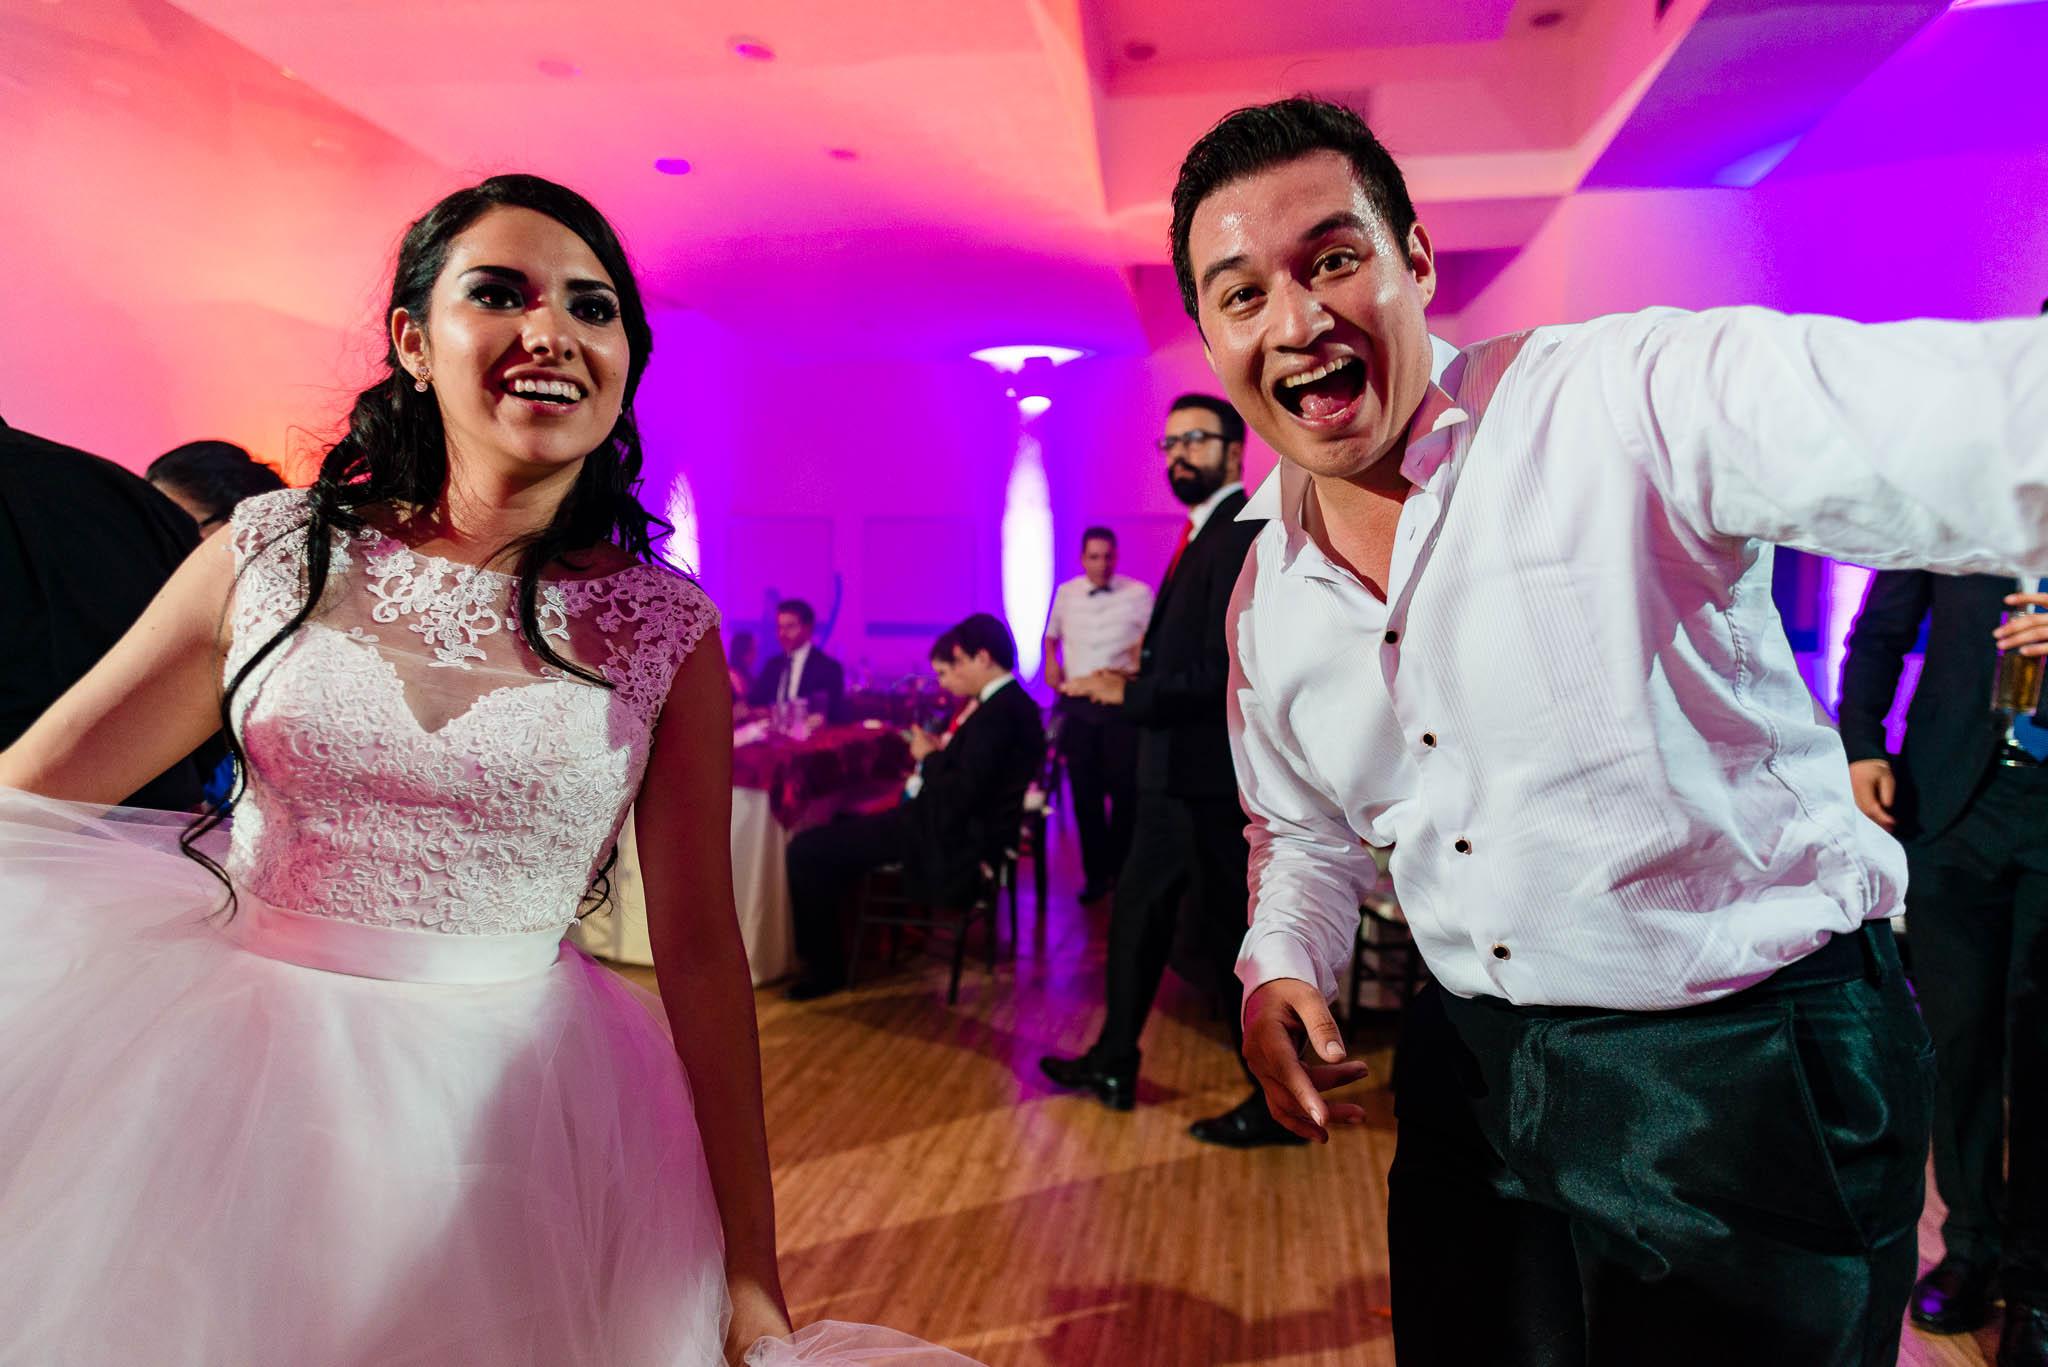 fotografo de bodas san luis potosi boda mexico wedding destination fotos de boda 317